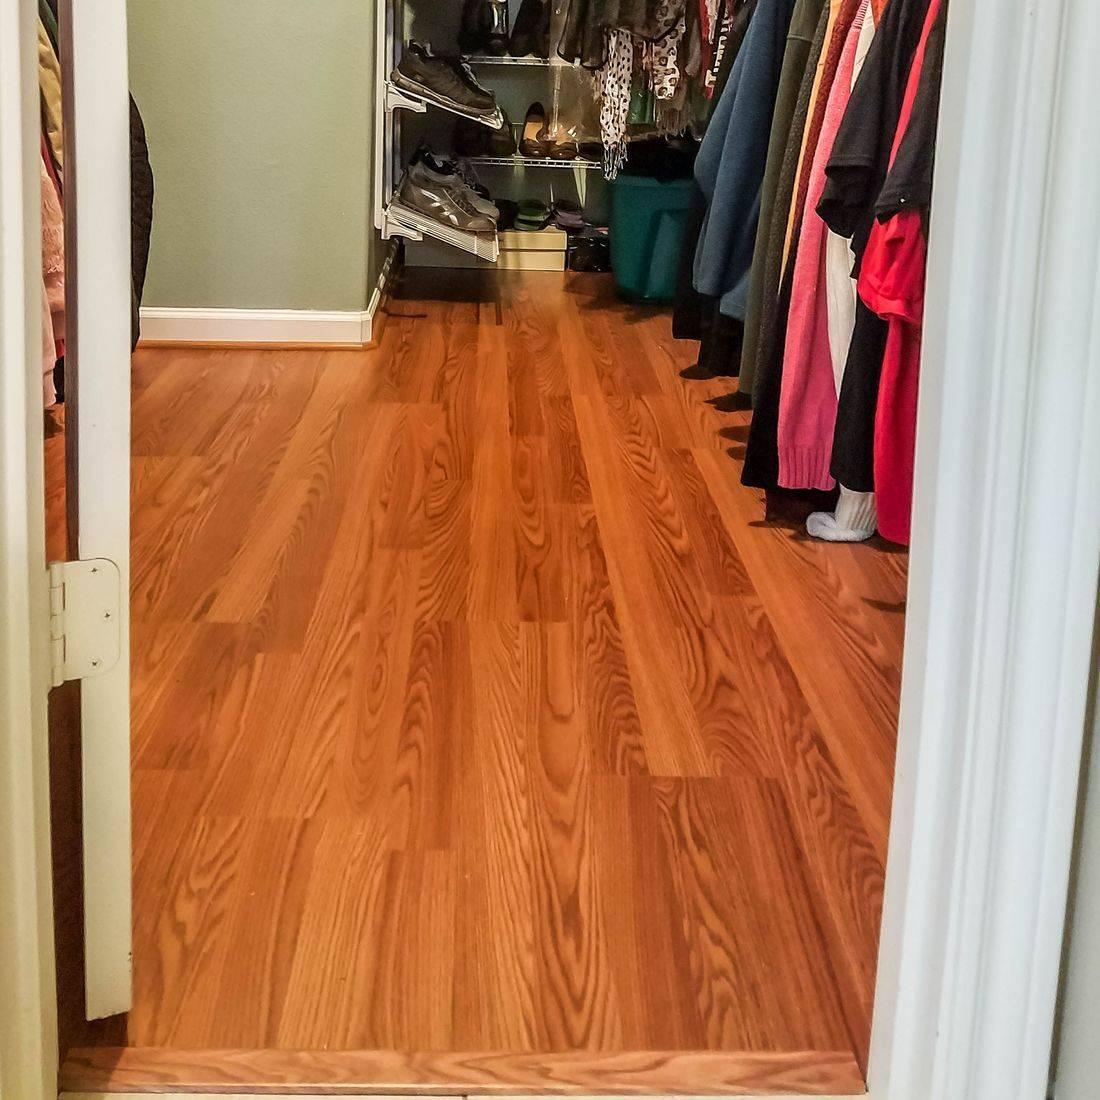 laminate flooring, flooring